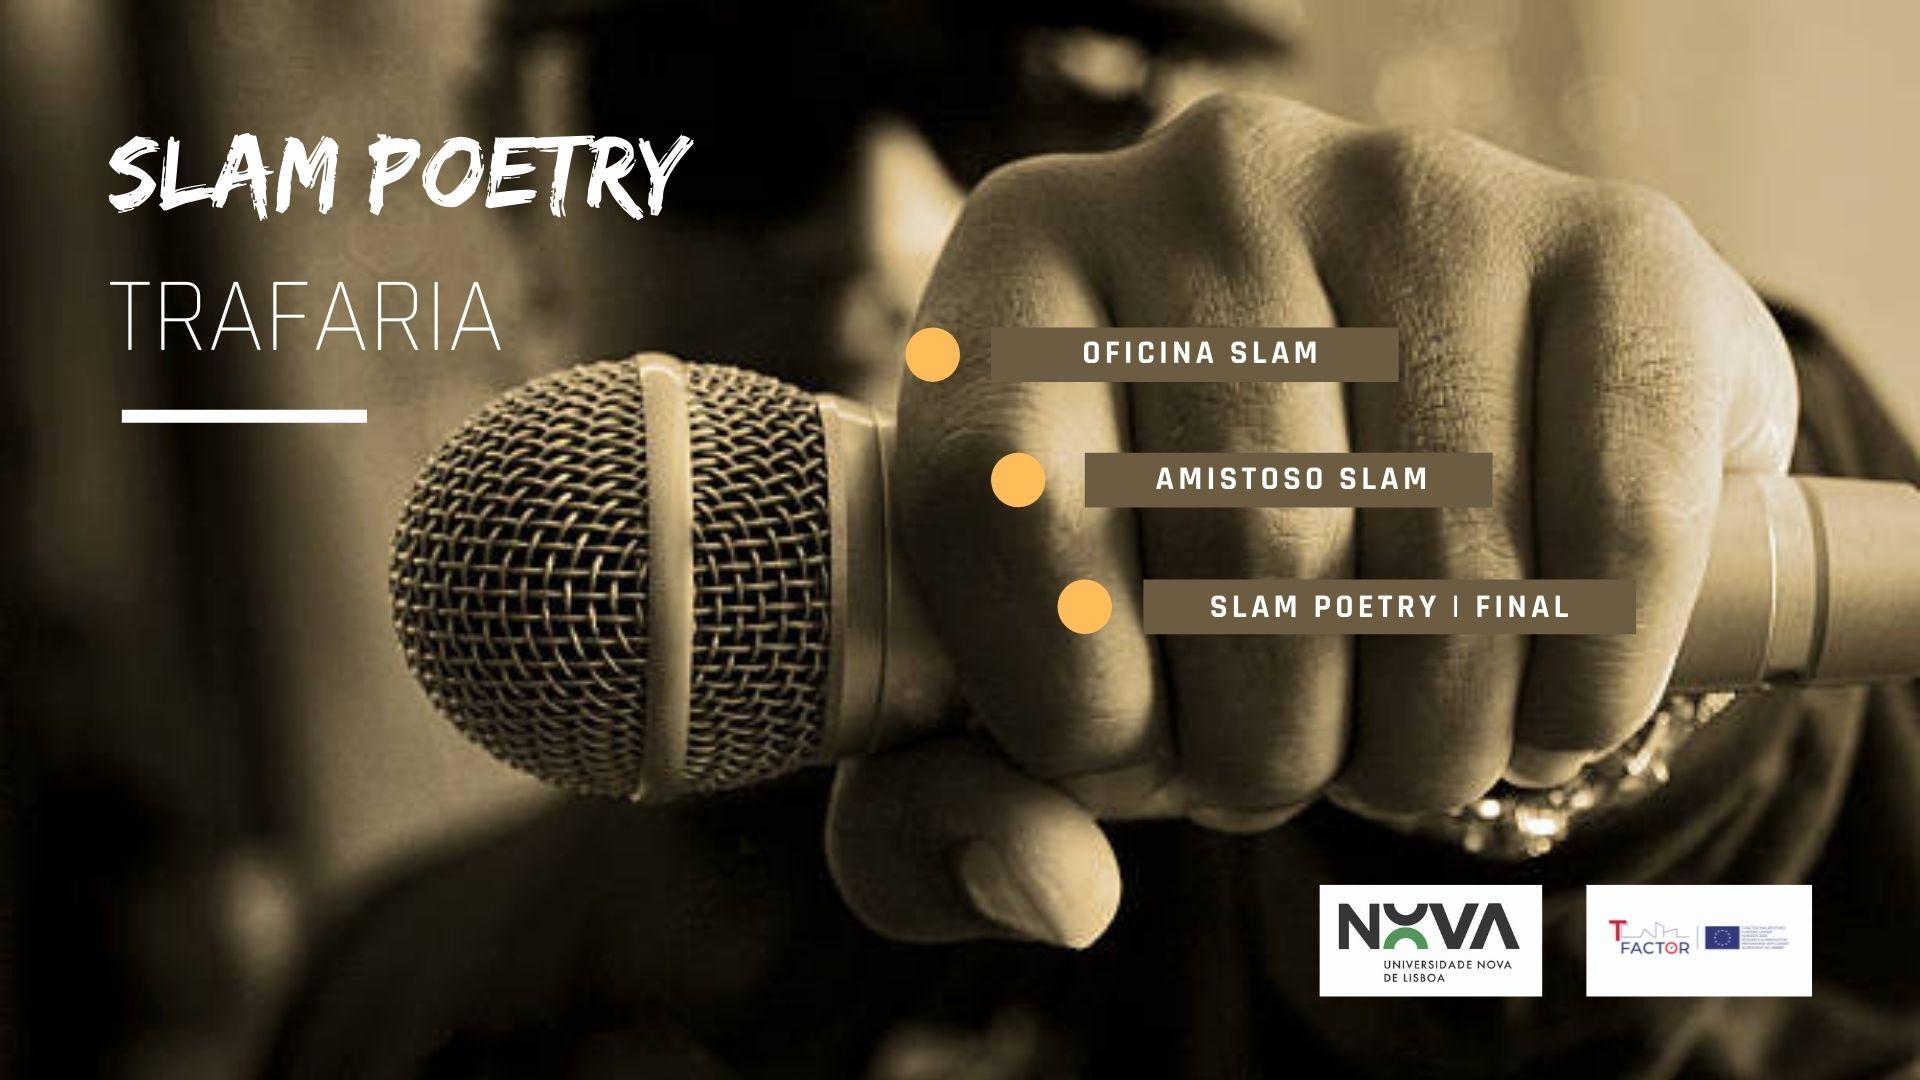 Slam Poetry TRAFARIA